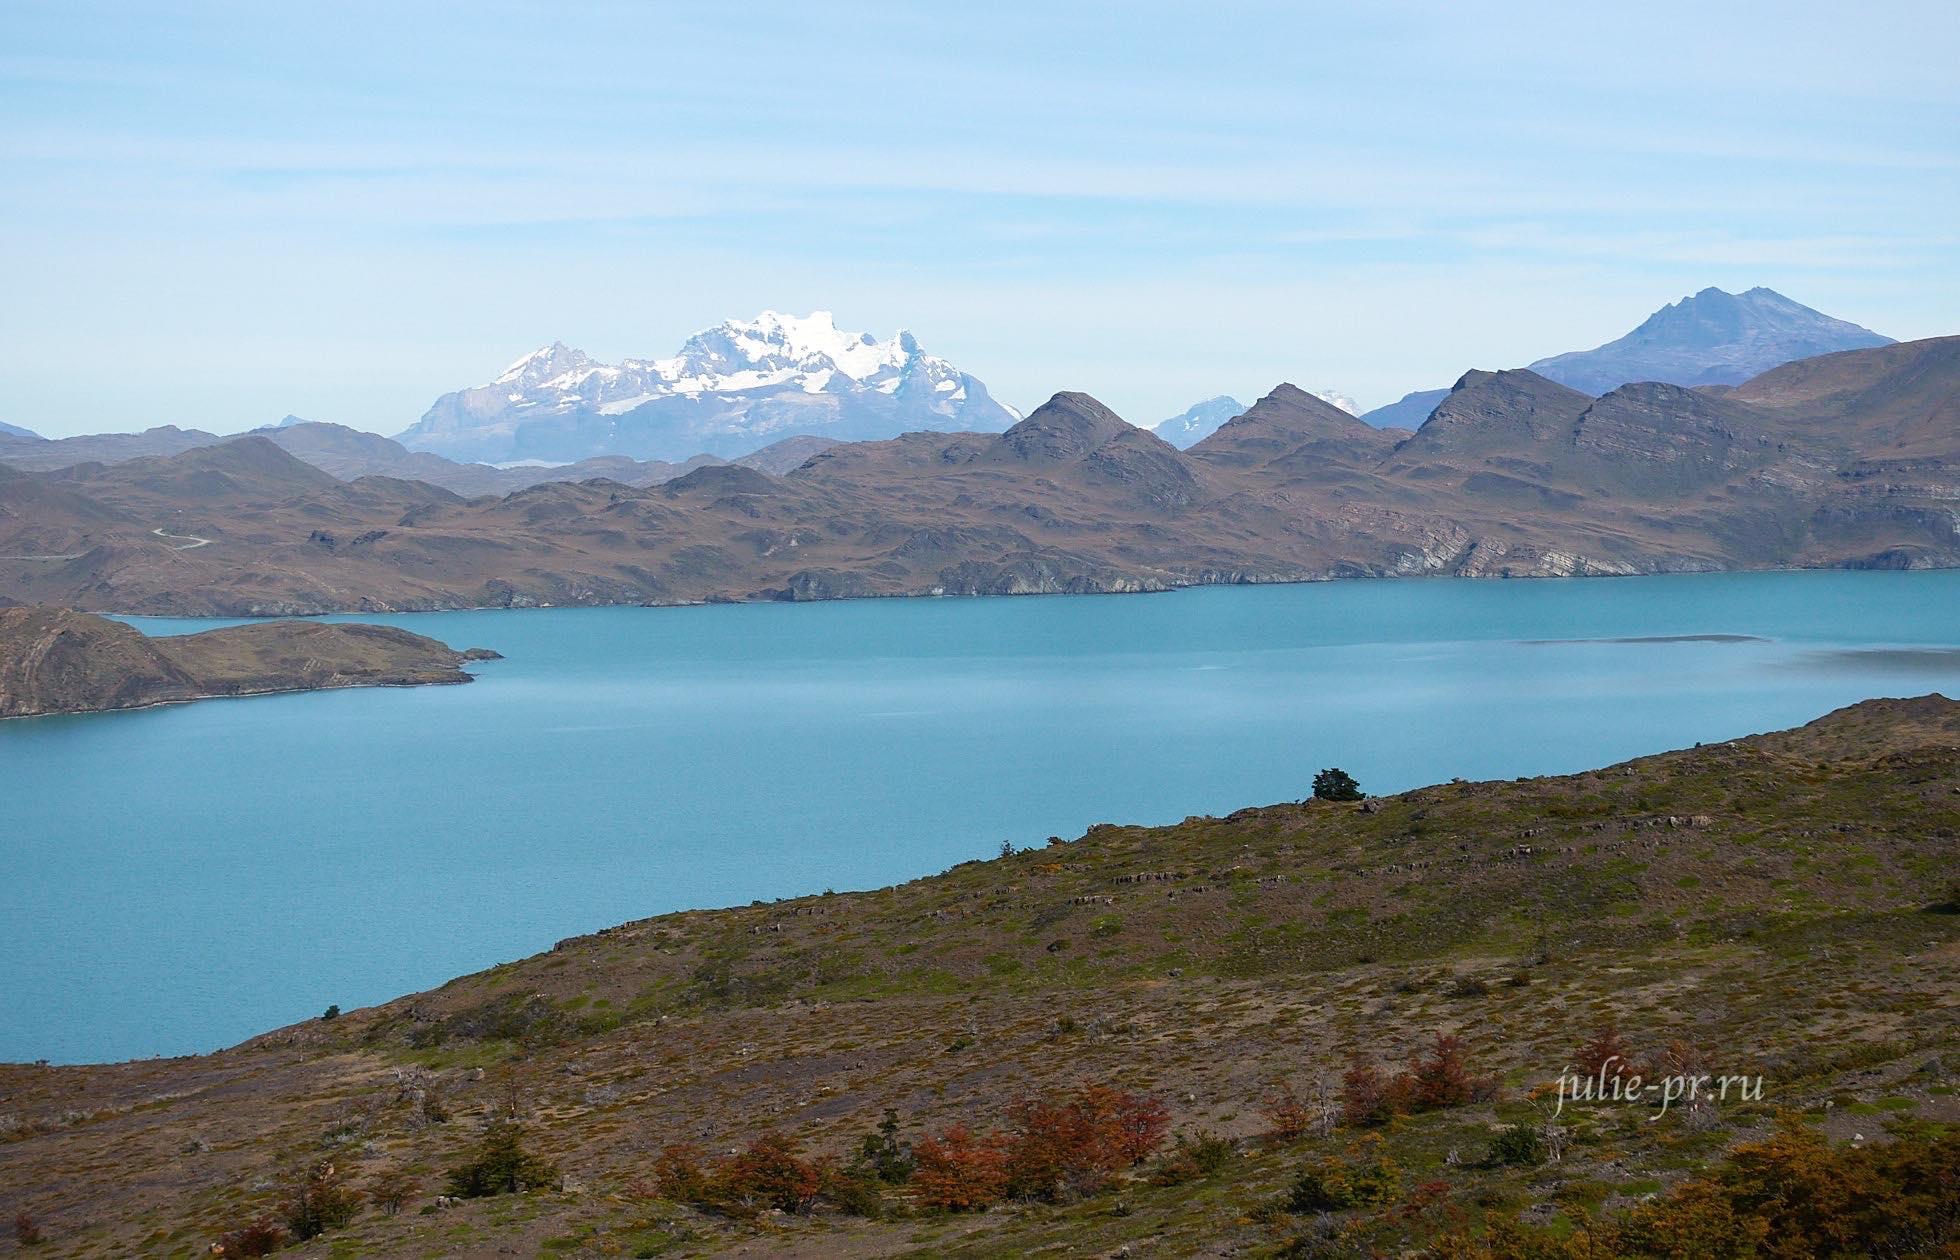 Чили, Патагония, Торрес-дель-Пайне, Озеро Норденшёльд